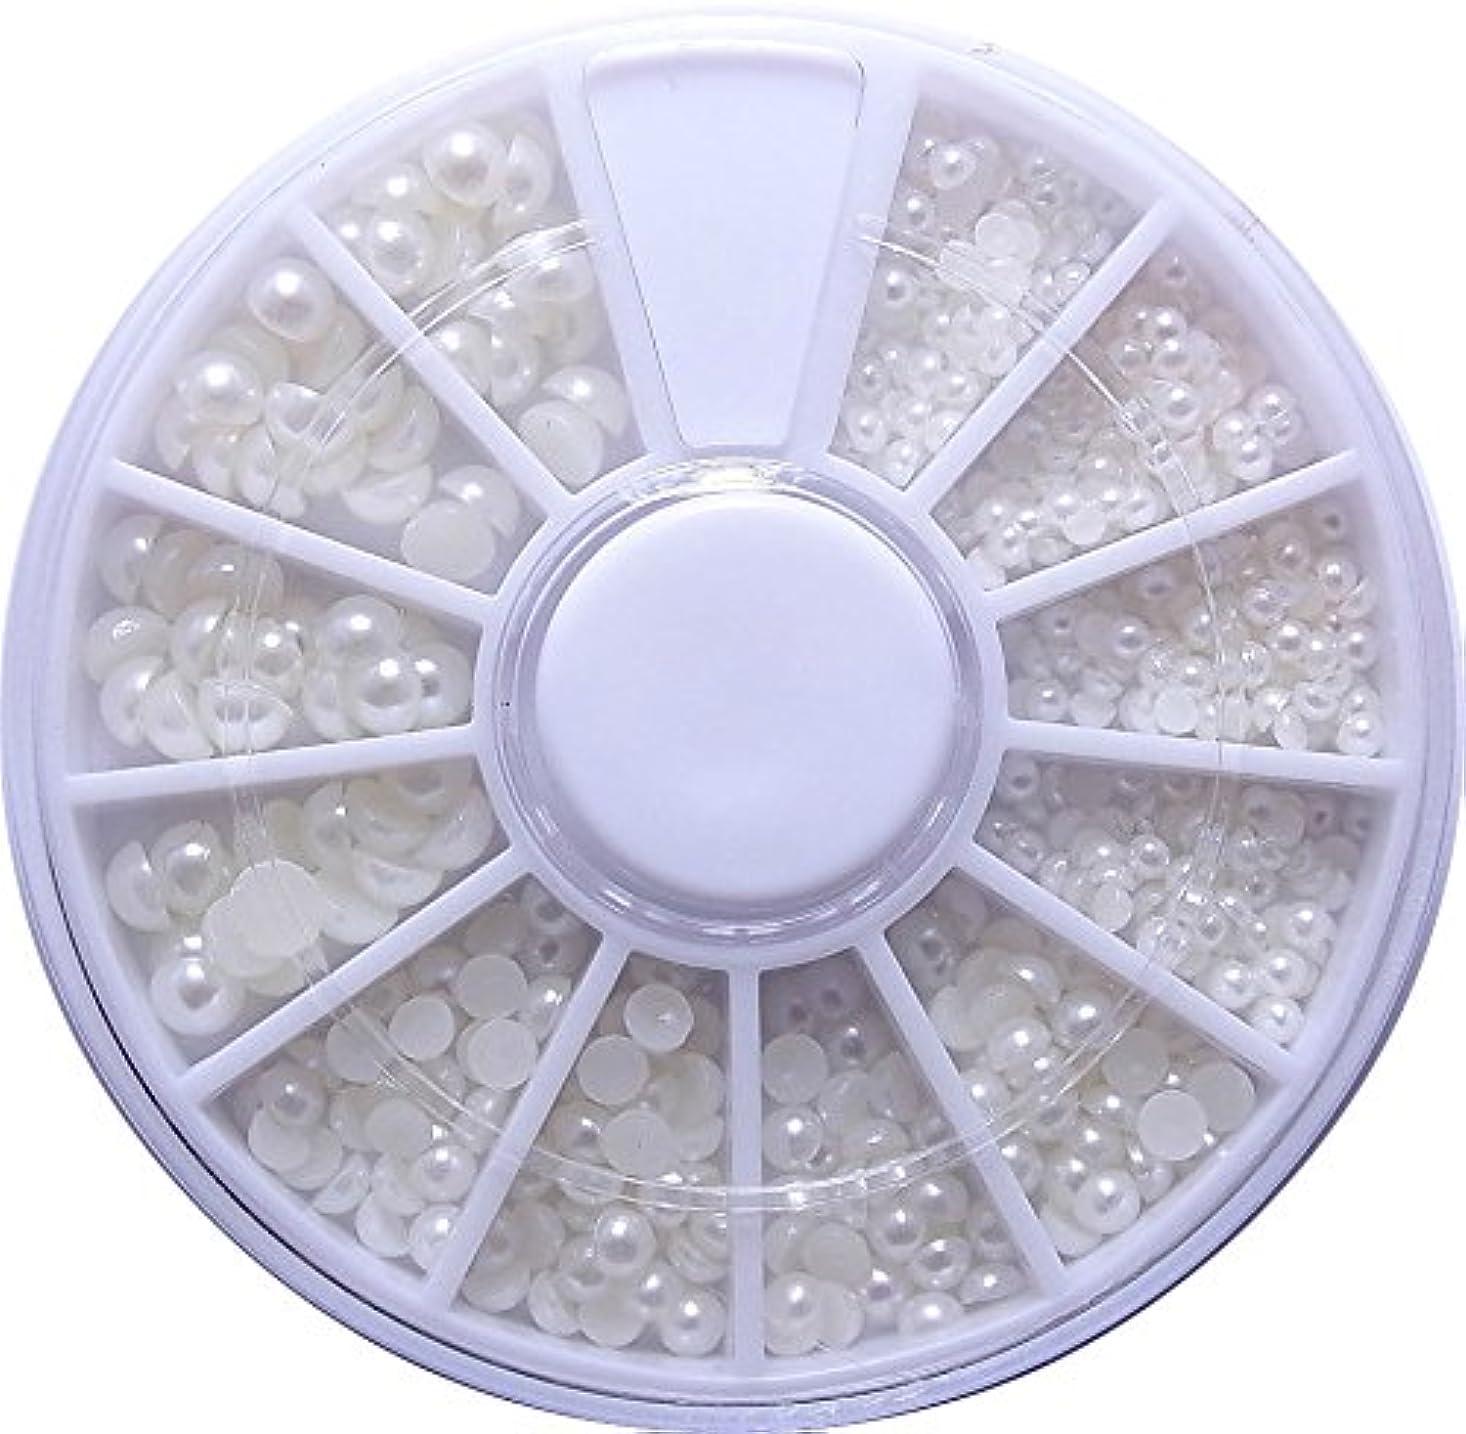 真似るグリーンバック爆発物【jewel】半円ホワイトパール 3サイズ MIX ケース入り 2mm 3mm 4mm ネイル レジン